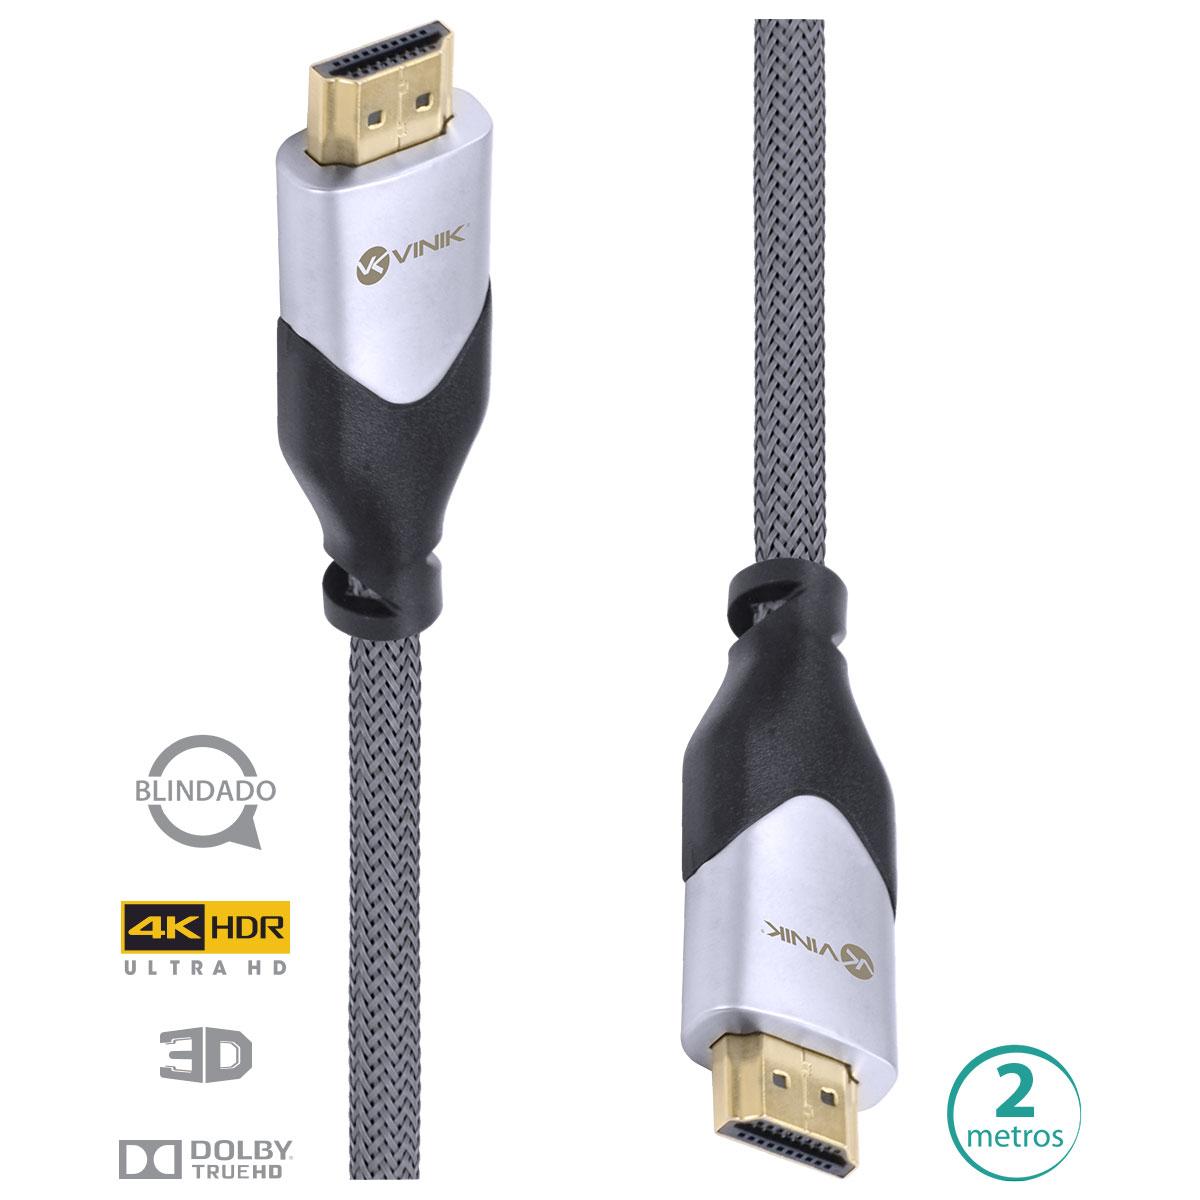 CABO HDMI 2.0 4K ULTRA HD 3D CONEXÃO ETHERNET BLINDADO EM NYLON 2 METROS - H20B-2